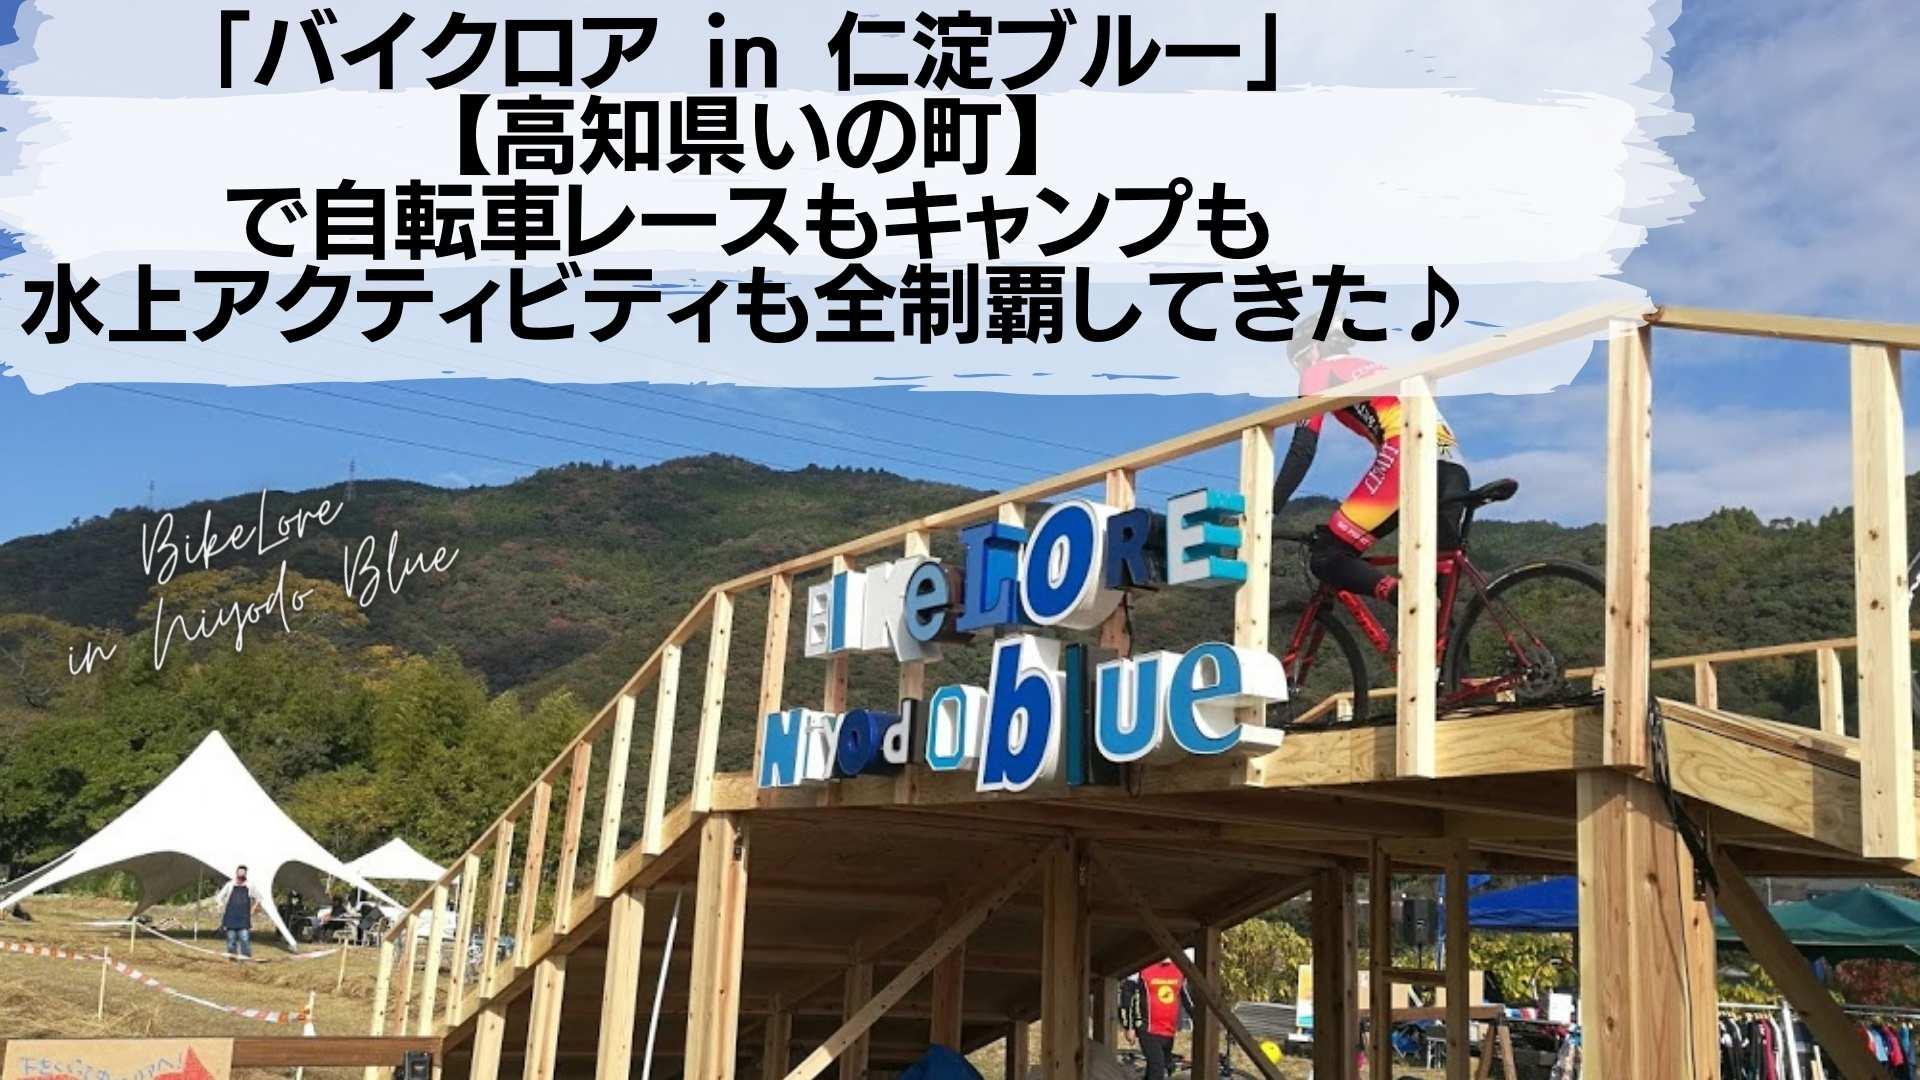 「バイクロア in 仁淀ブルー」で自転車レースもキャンプも水上アクティビティも全制覇してきた♪